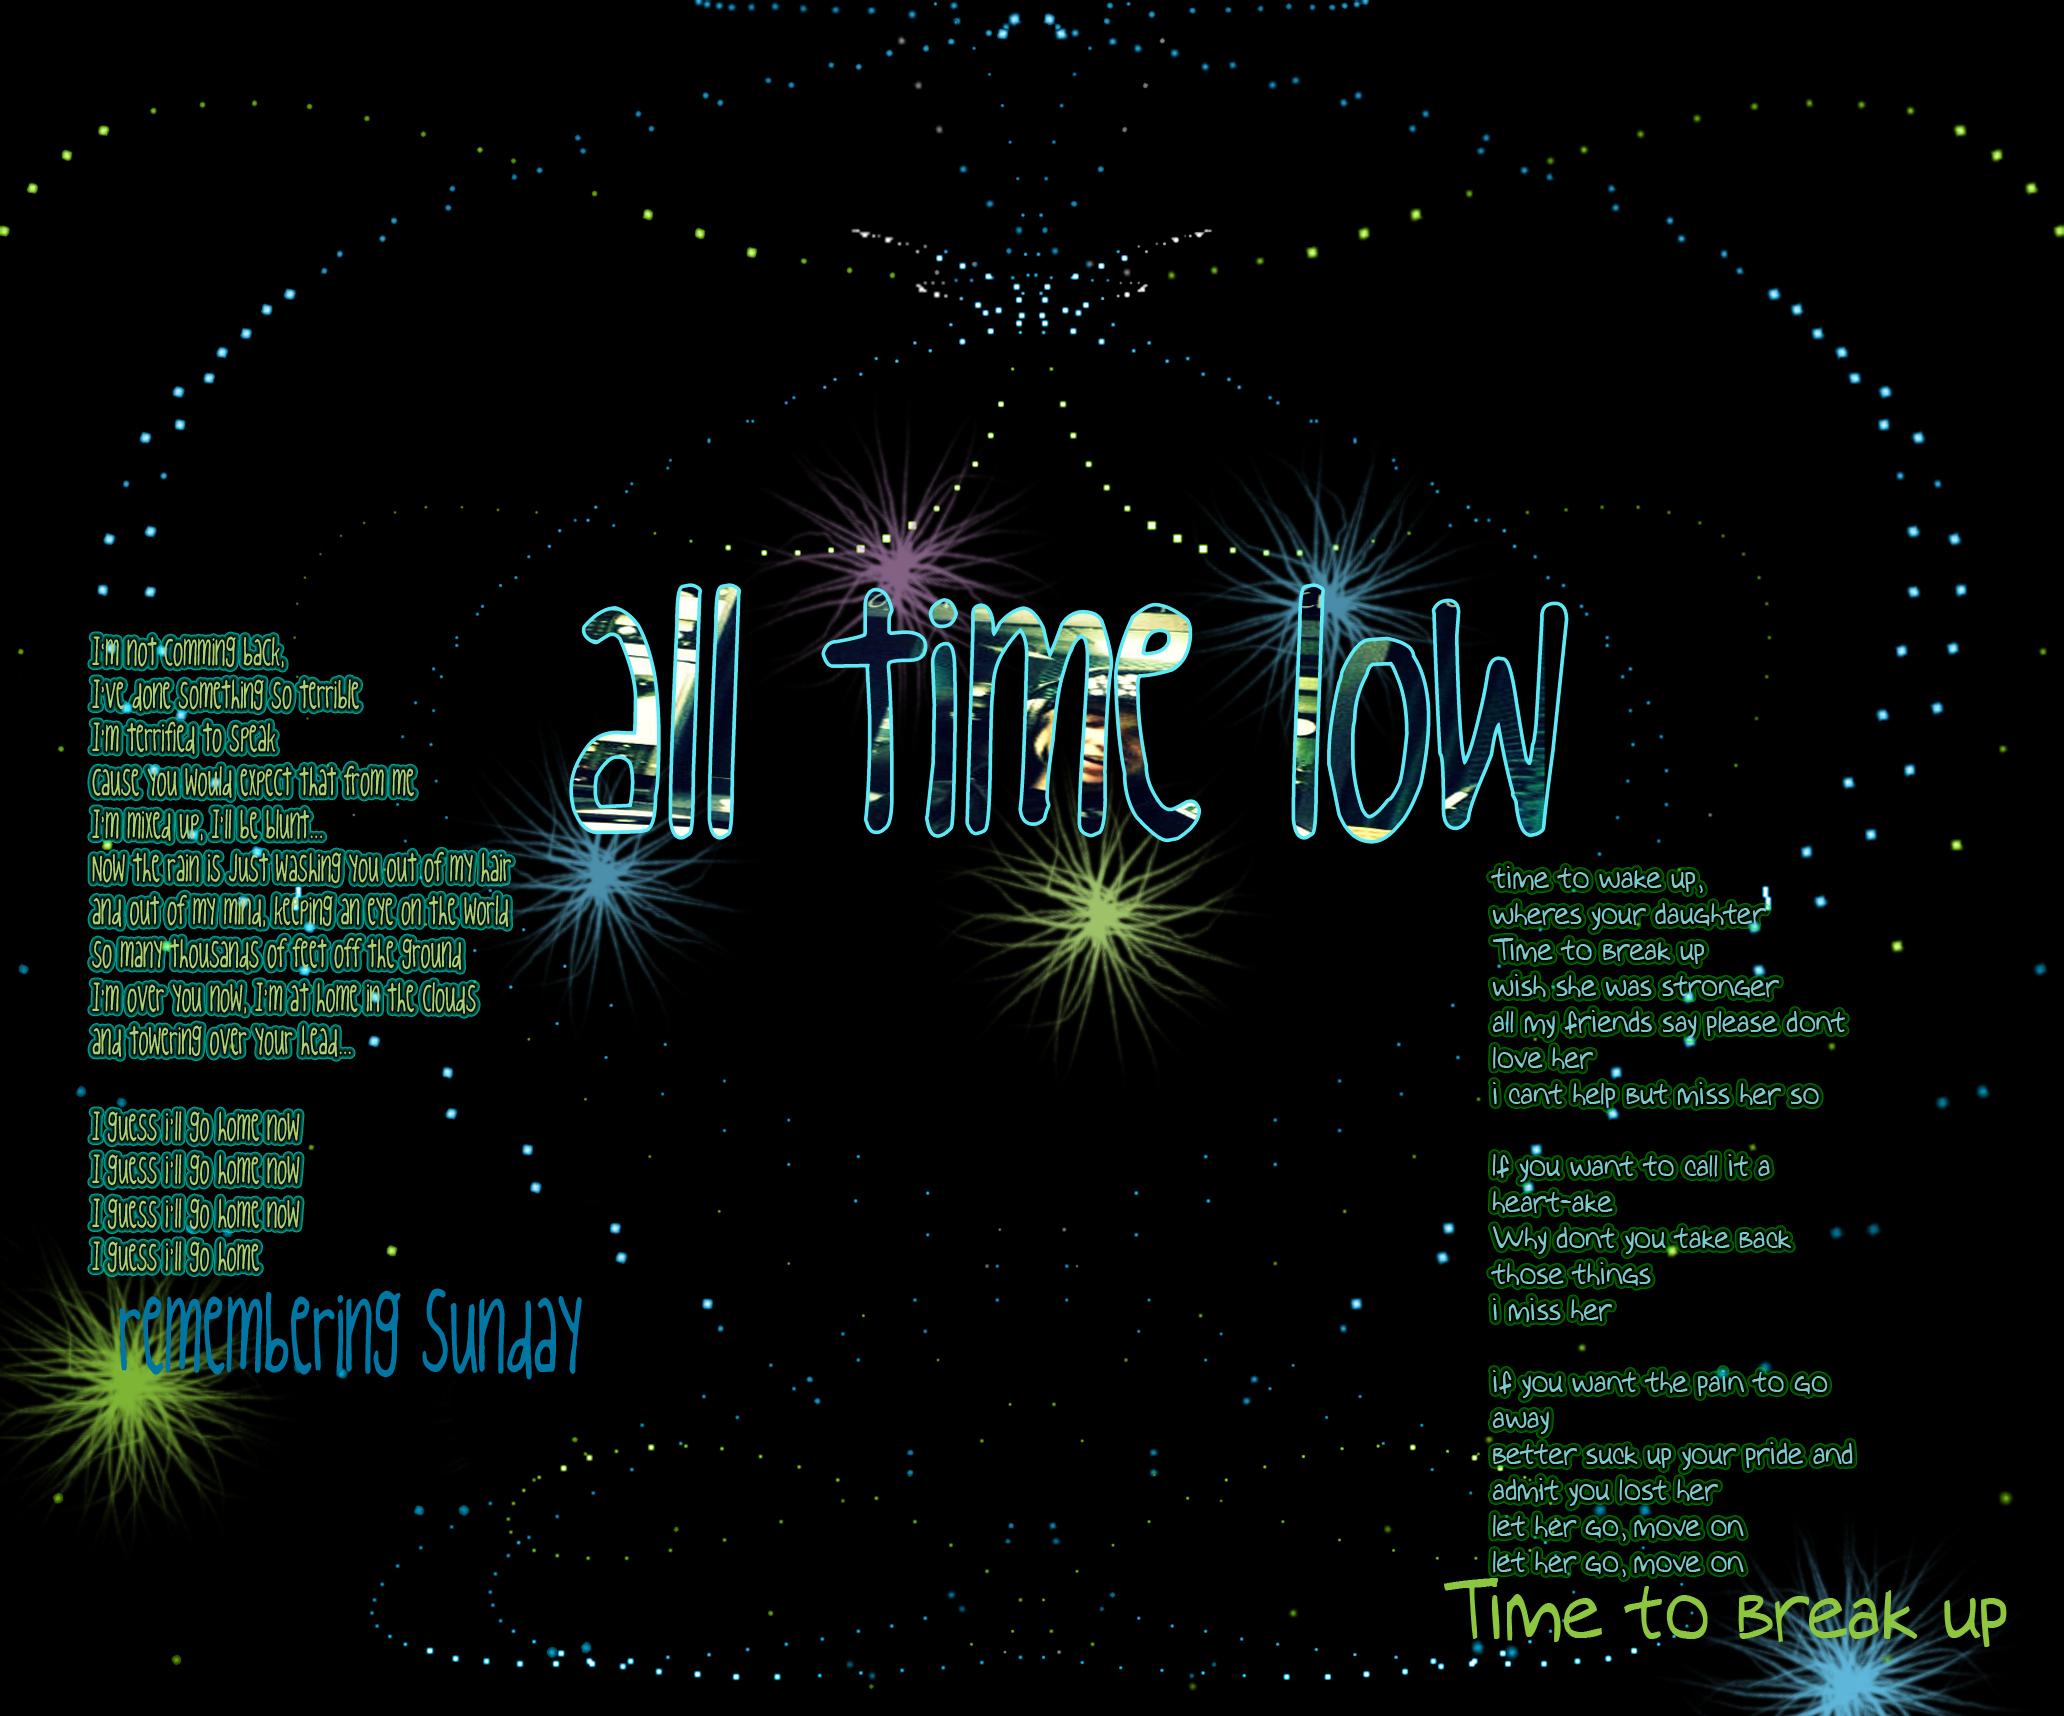 All time low lyrics